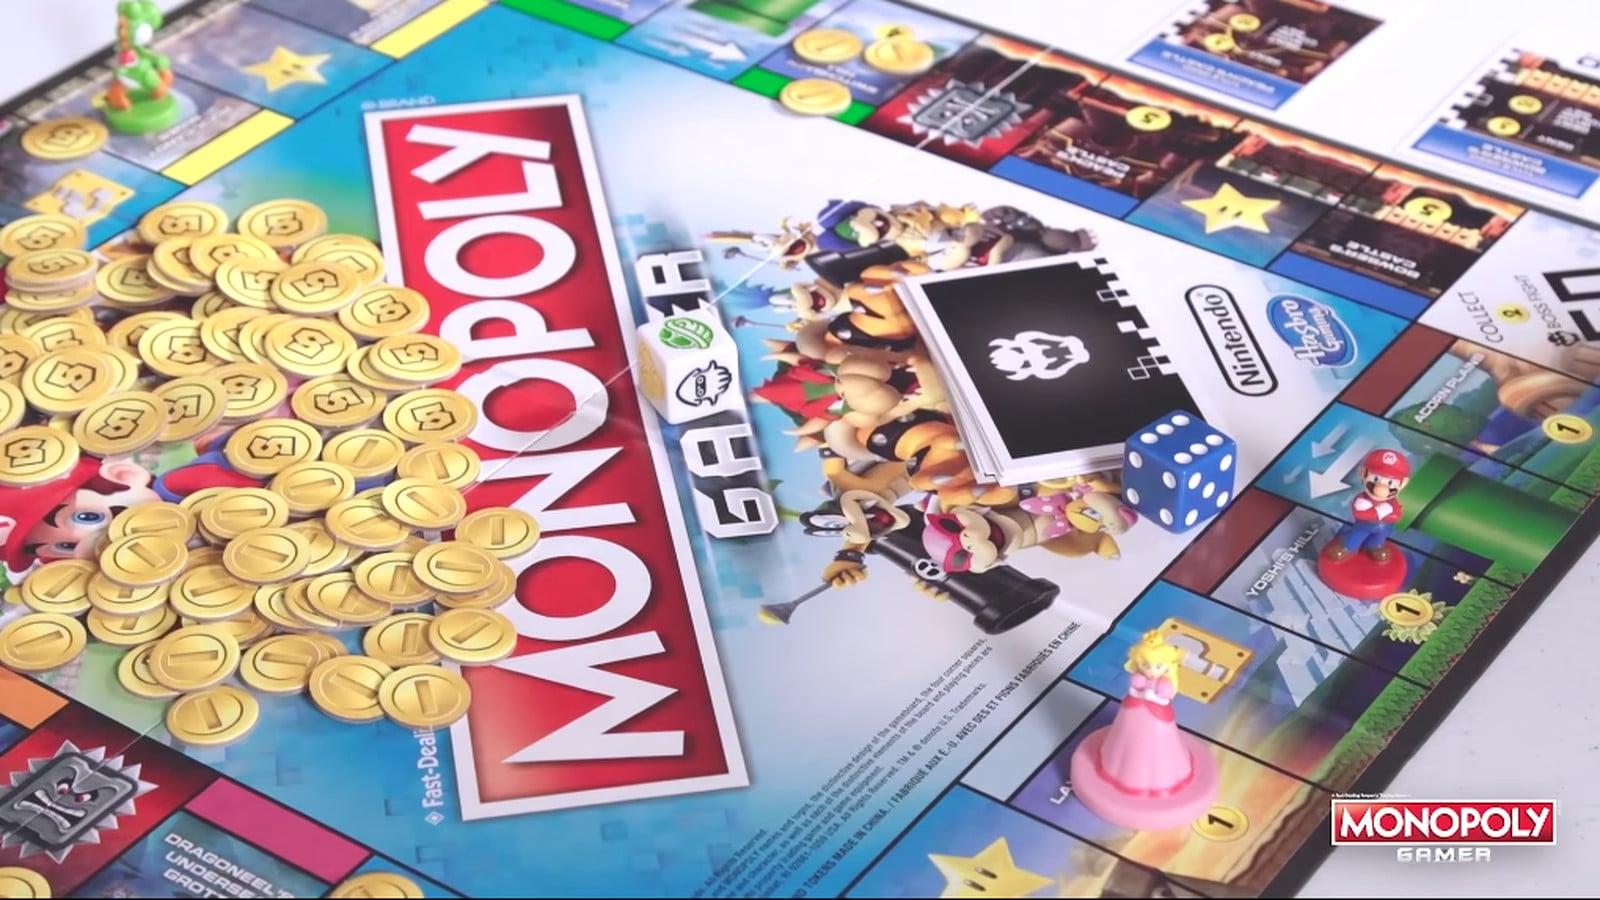 Mira Este Monopoly Gamer Edition Del Juego De Mesa Clasico